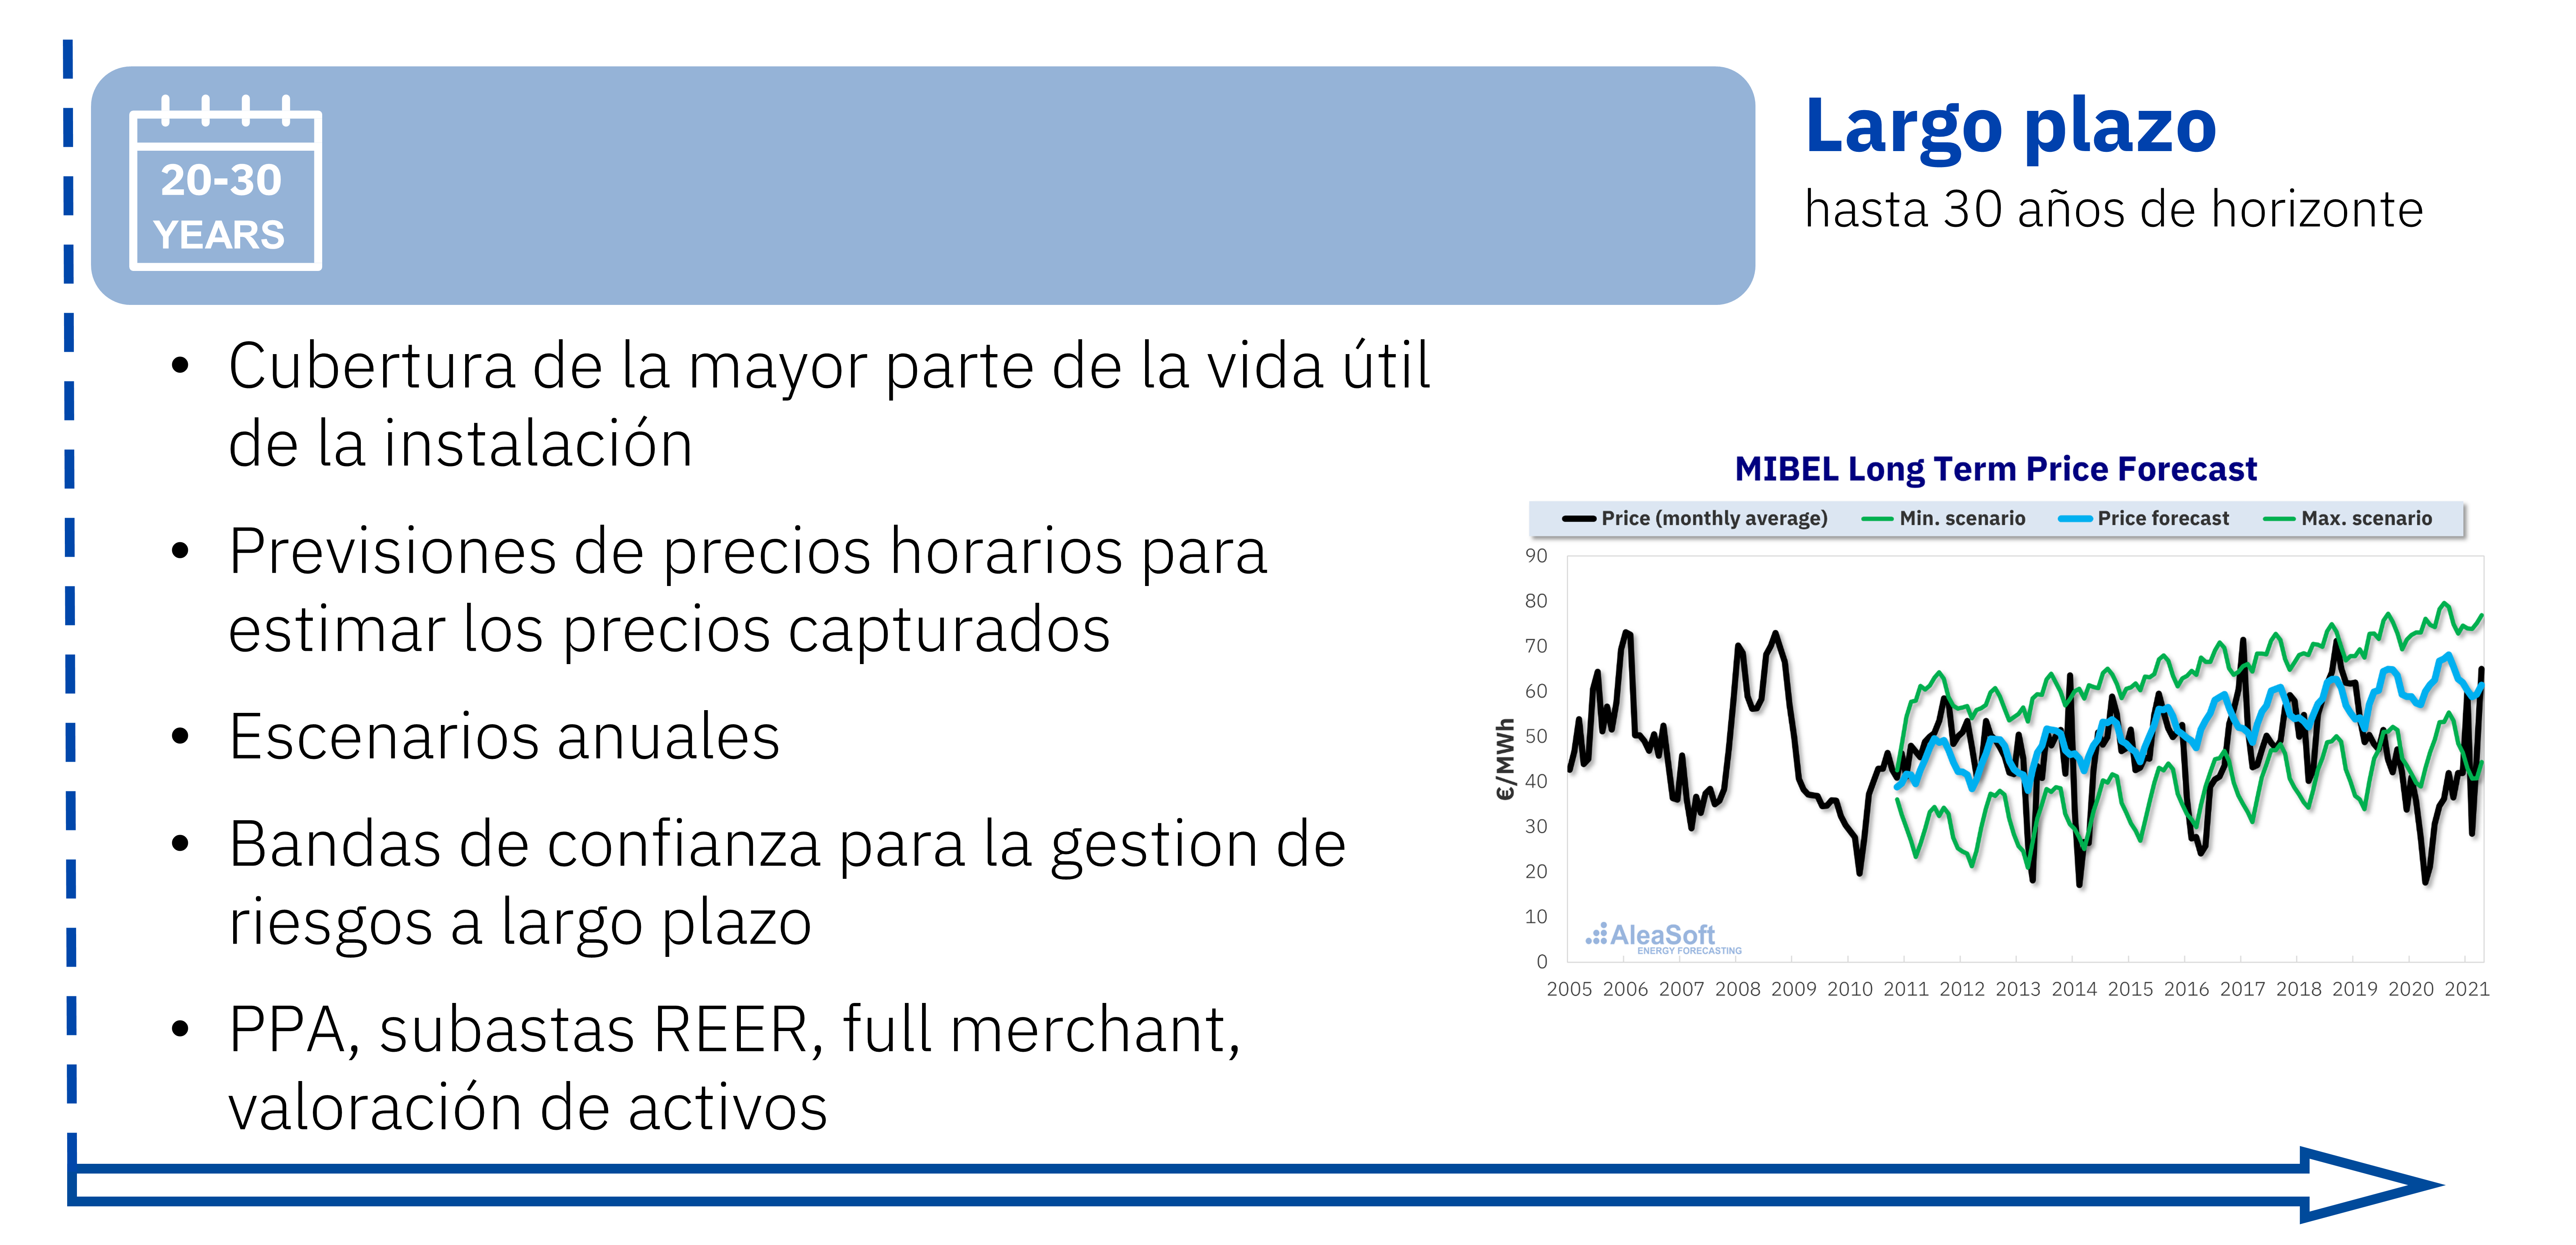 AleaSoft - Previsiones precios mercado electricidad largo plazo